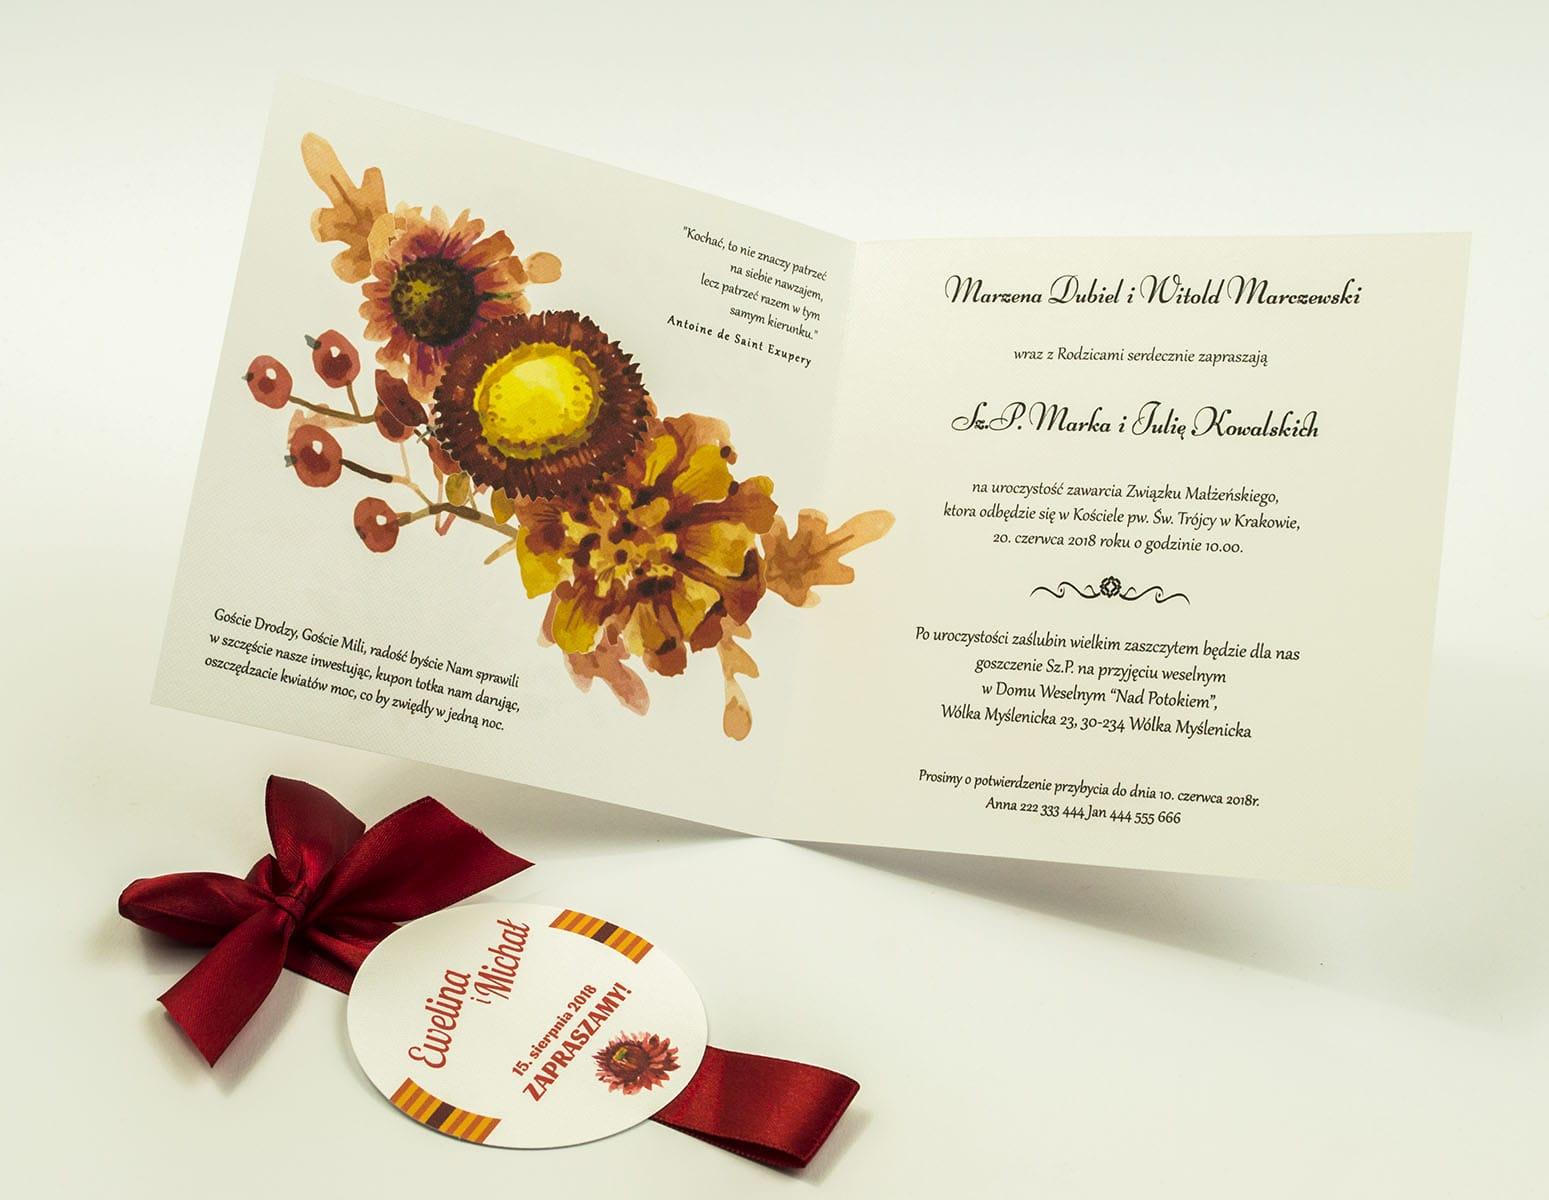 Zaproszenia kwiatowe - jesienny wianek z kwiatami, liśćmi dębu oraz jarzębiną. ZAP-54-02